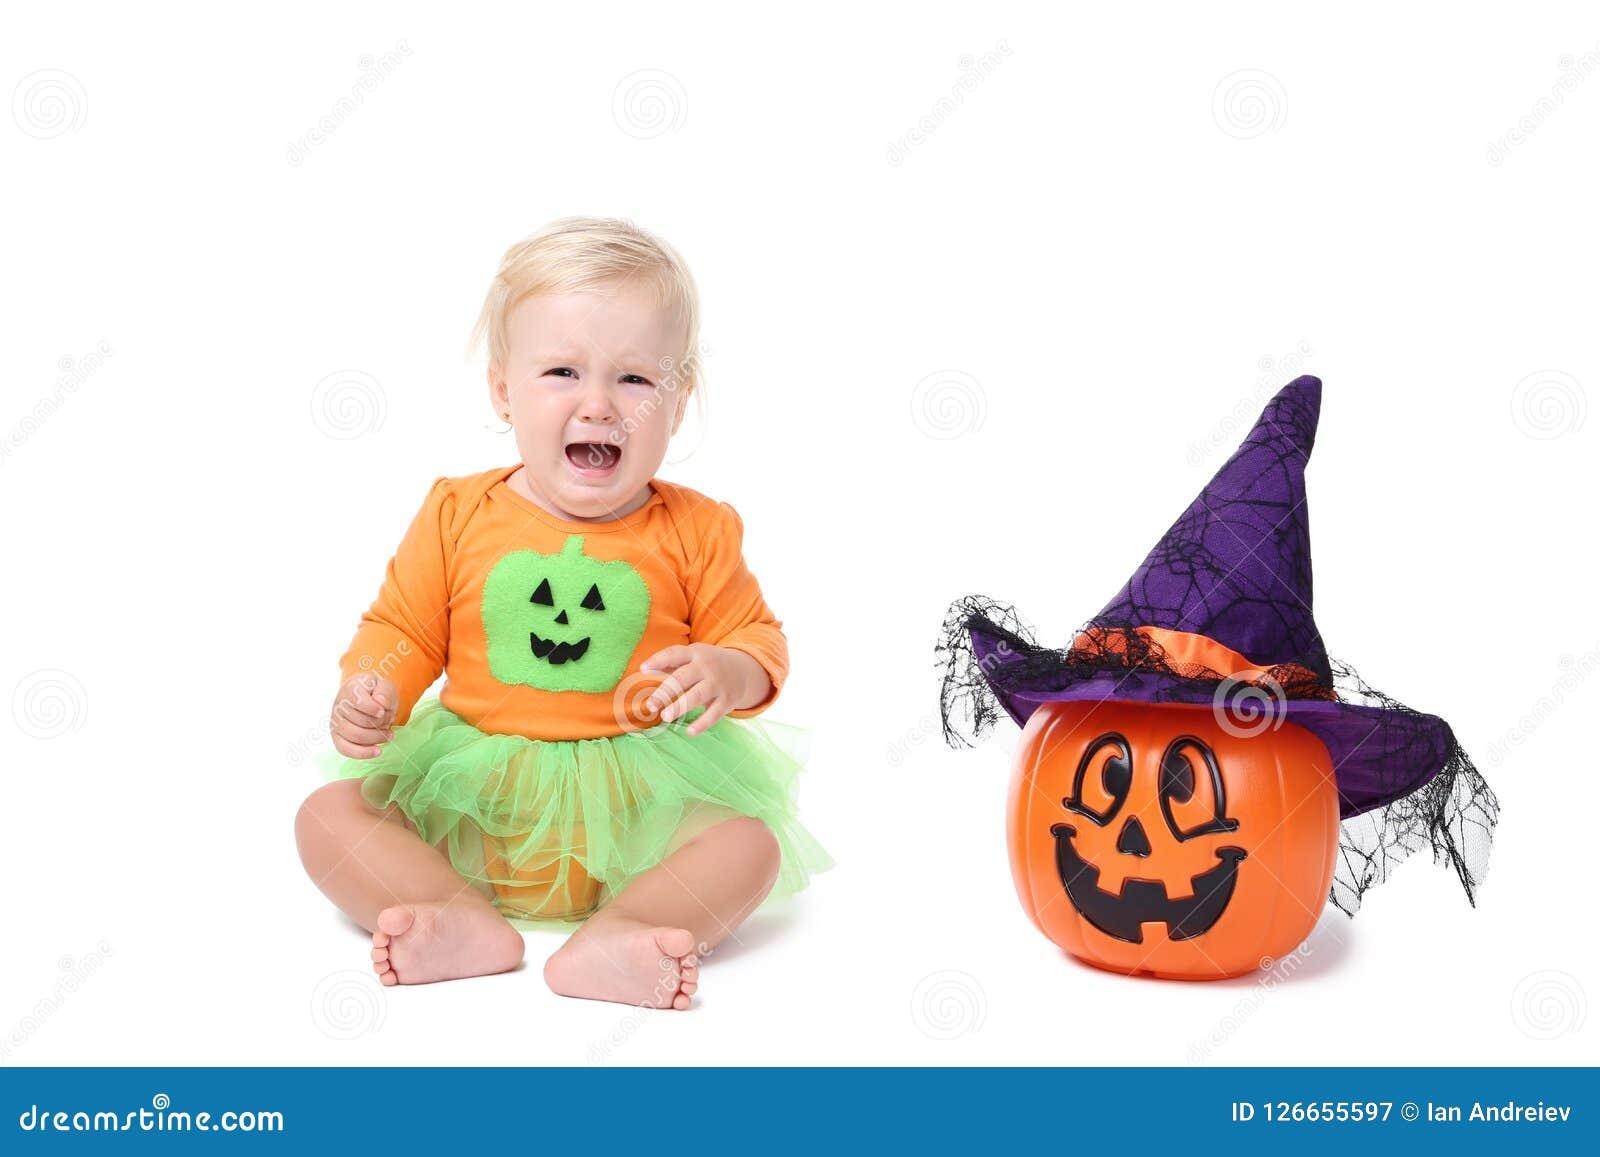 baby girl in halloween costume stock image - image of halloween